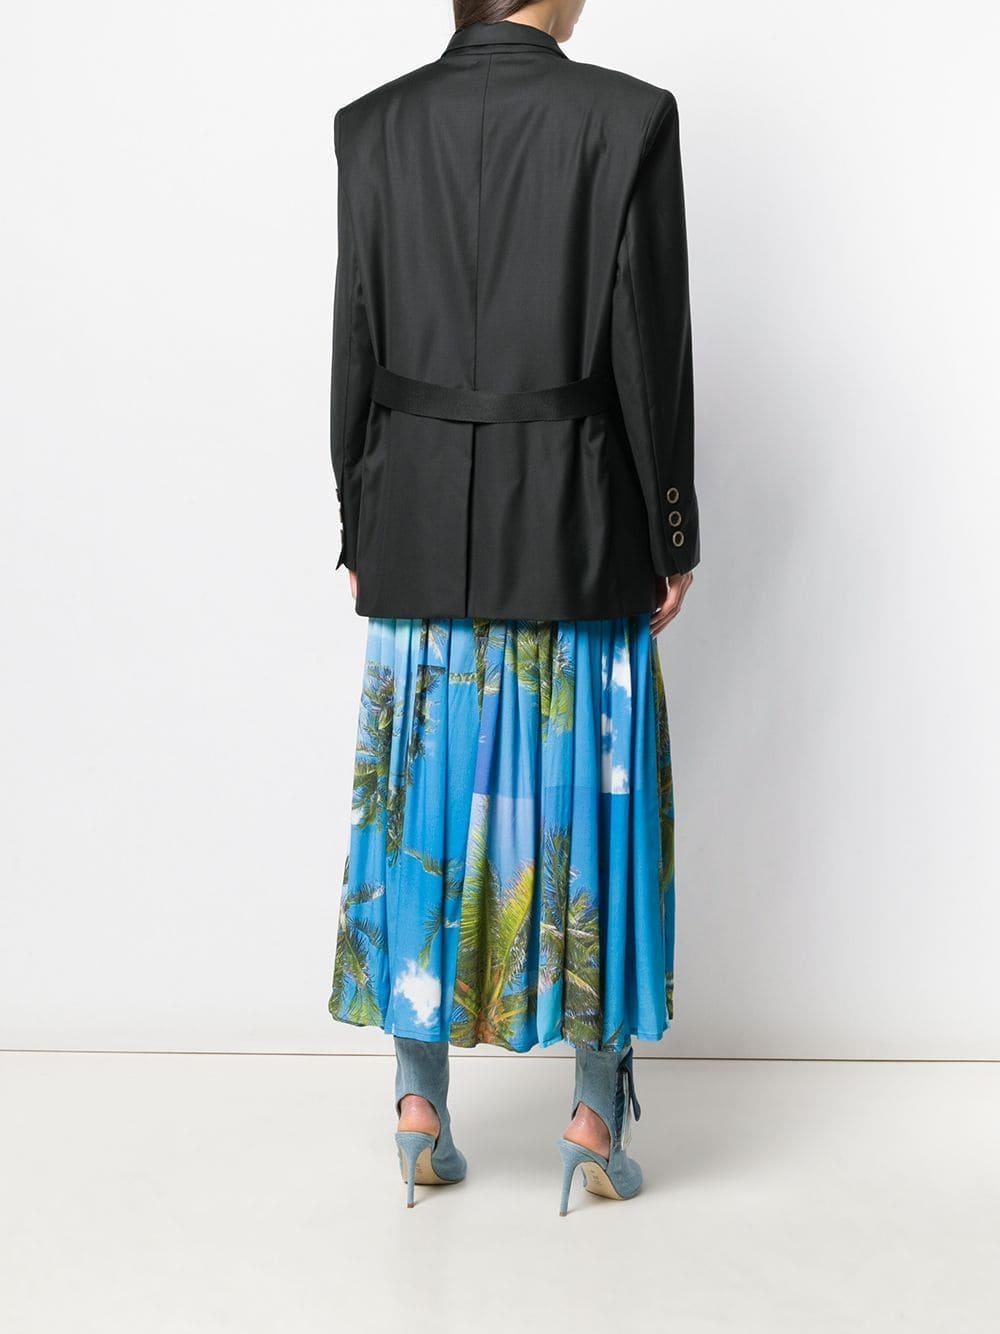 Chaqueta larga con vestido removible Natasha Zinko de Lana de color Negro